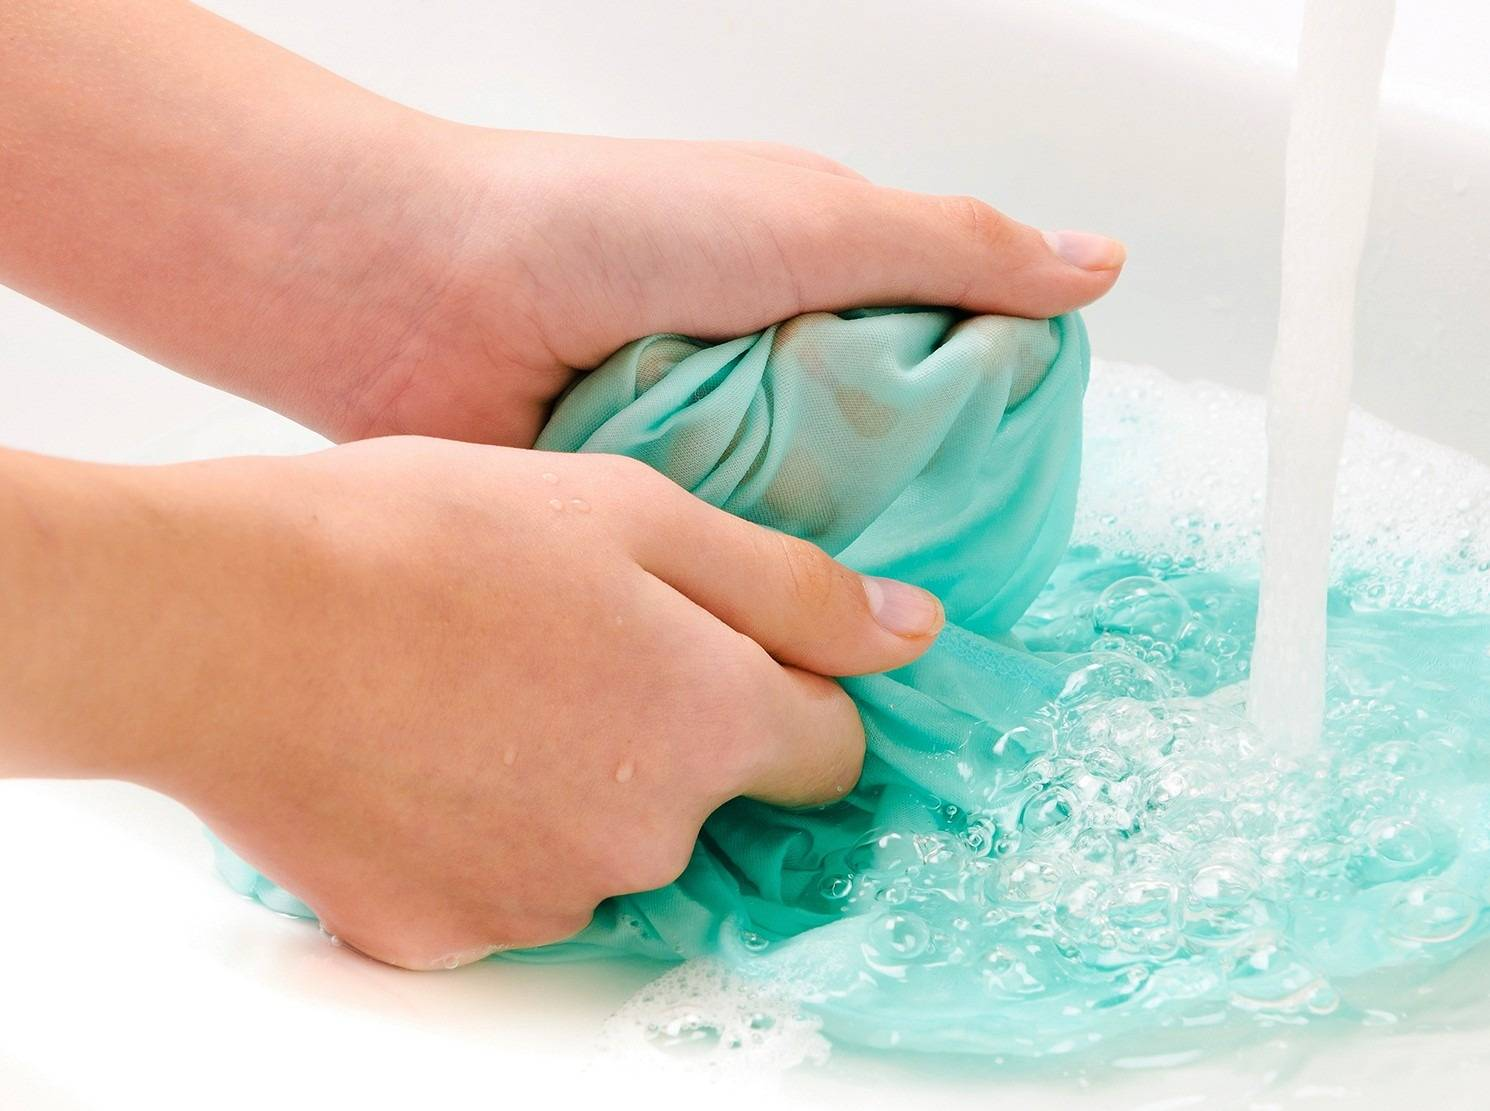 Как убрать блеск от утюга на одежде: методы выведения блестящих пятен или желтых следов после глажки синтетики и других тканей, фото и видео